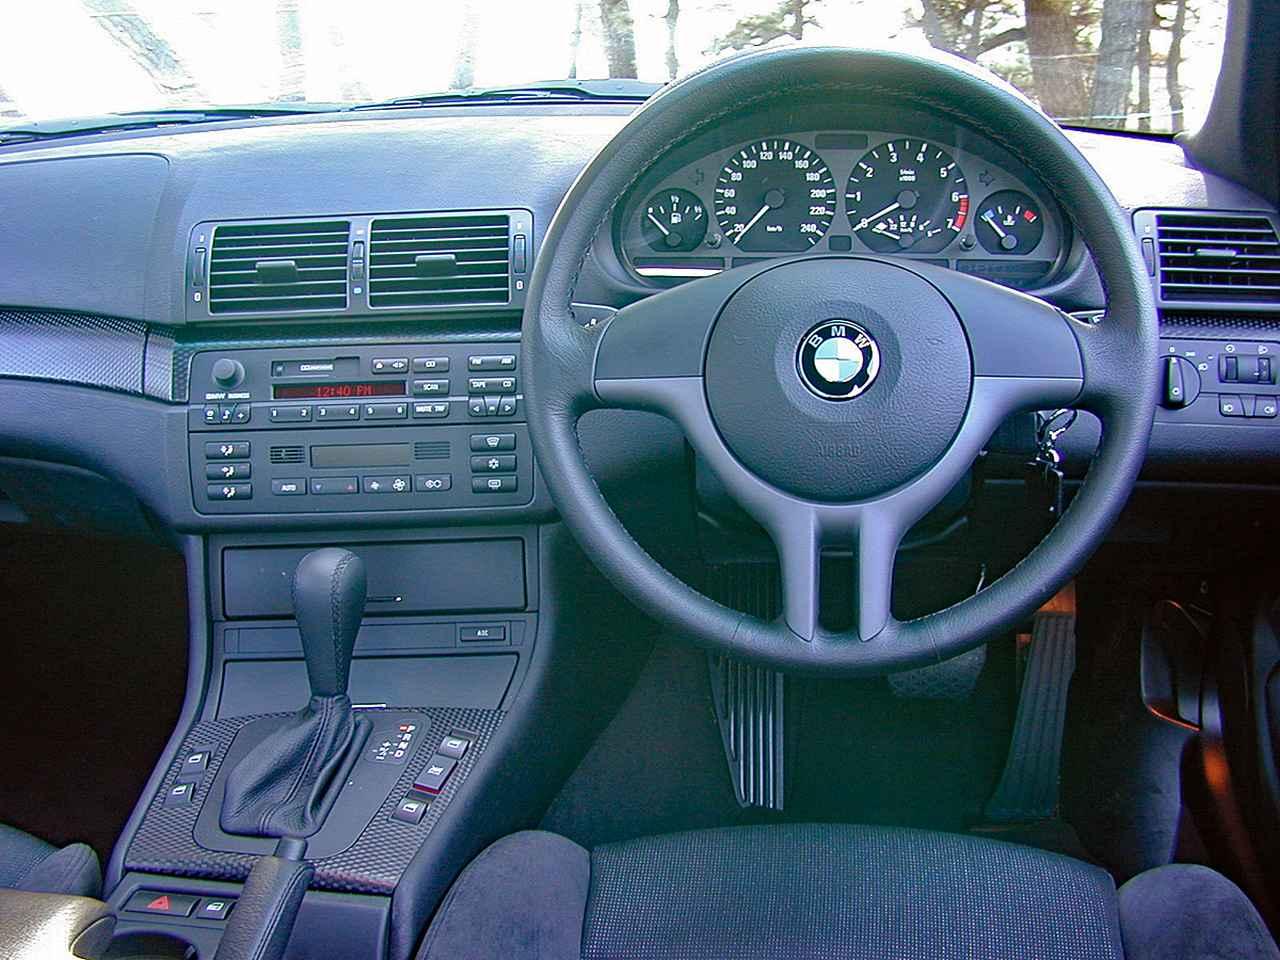 Images : 14番目の画像 - BMW 2001モデル - Webモーターマガジン